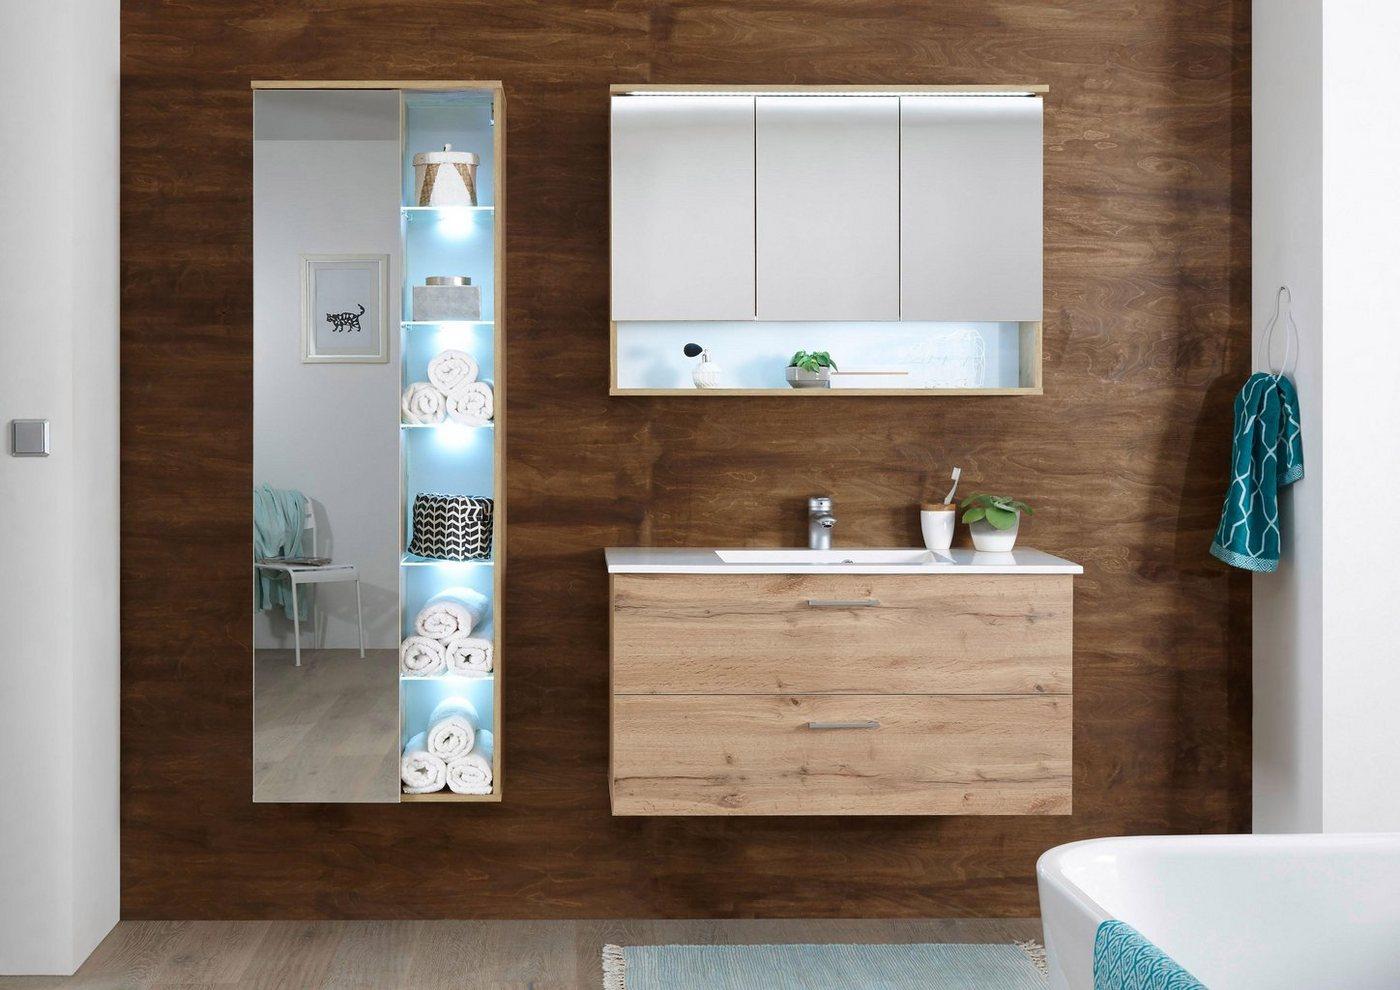 OTTO | SALE welltime Spiegelschrank Best mit LED Beleuchtung ...